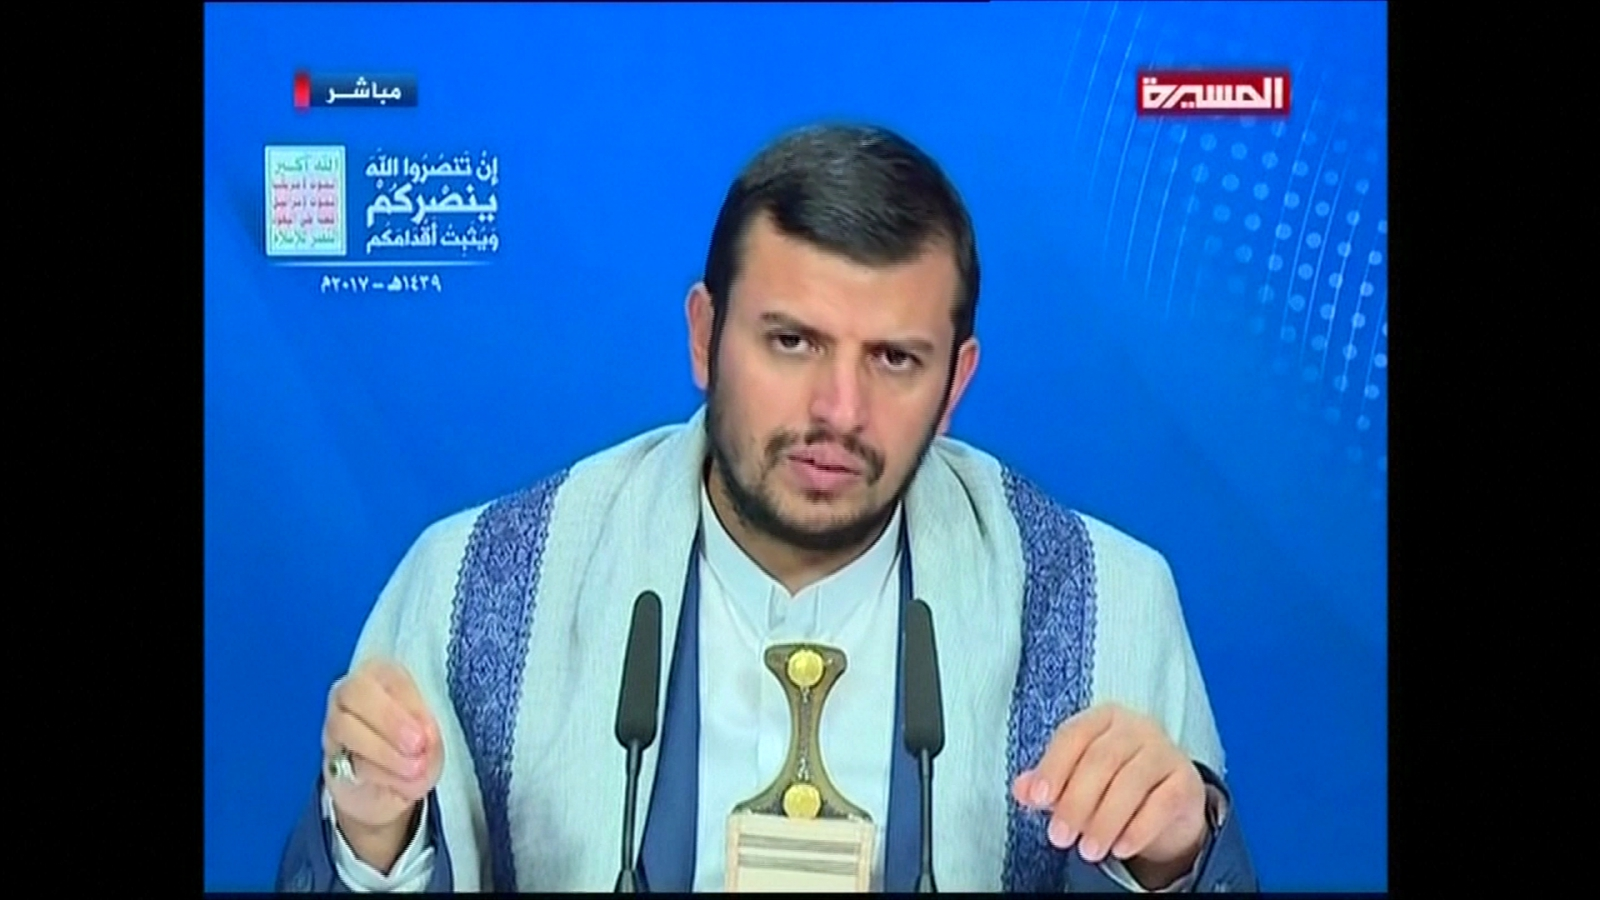 อดีตผู้นำเยเมน ถูกกลุ่มกบฏสังหารเสียชีวิตในกรุงซานา